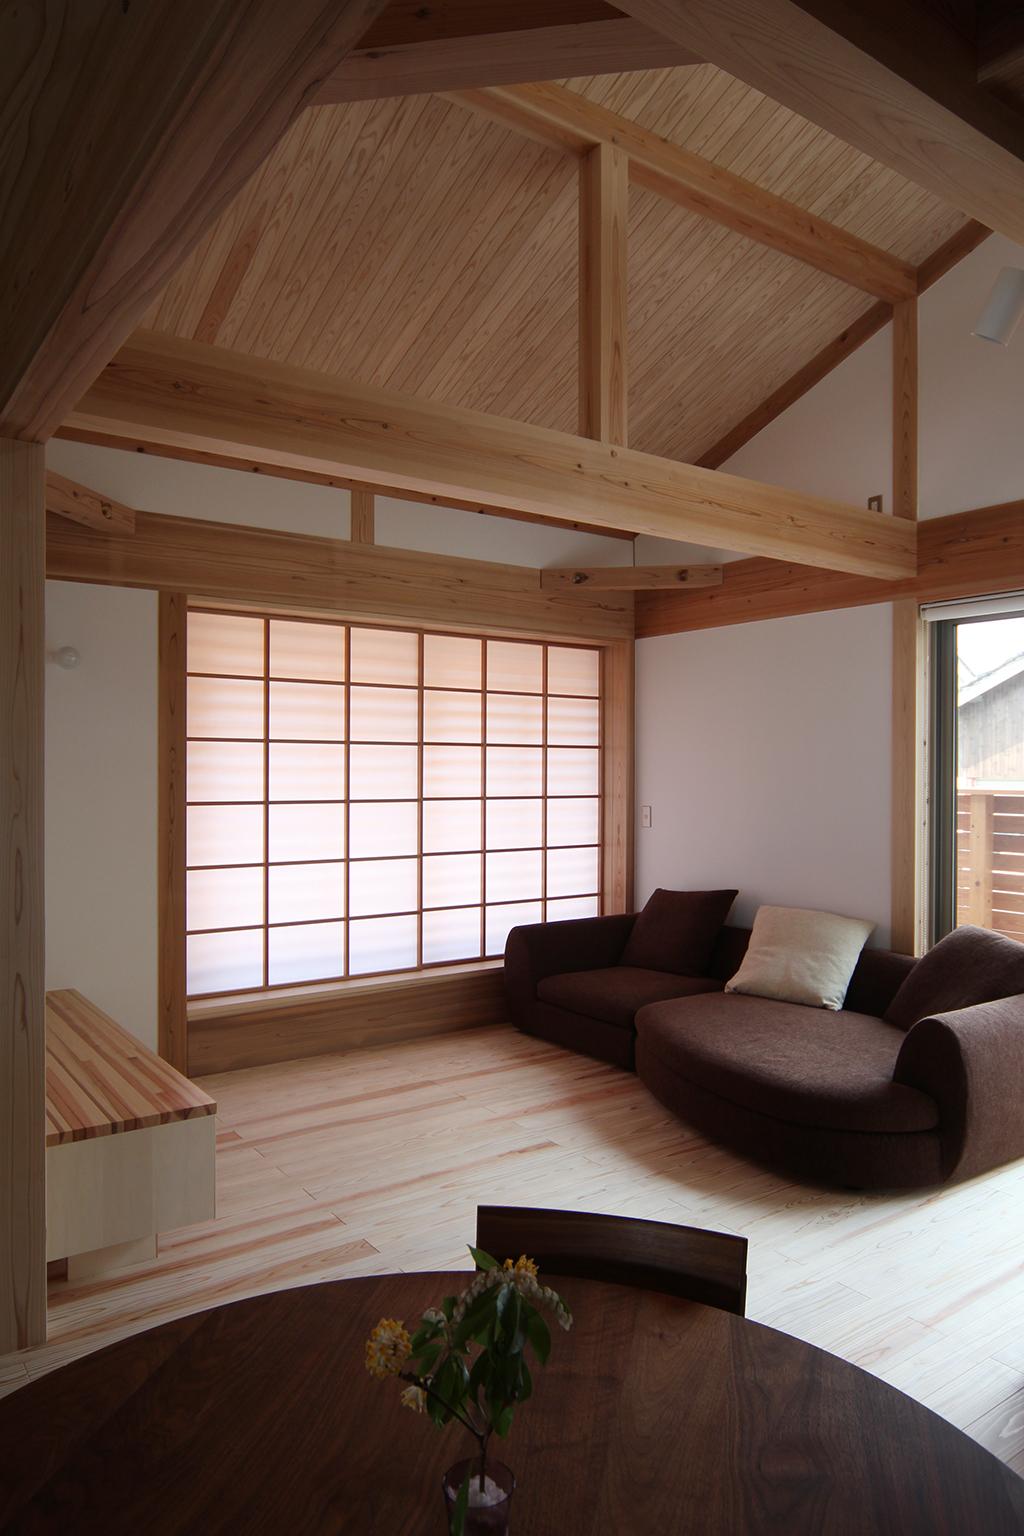 姫路市の木の家 吹き抜けのあるリビングダイニング